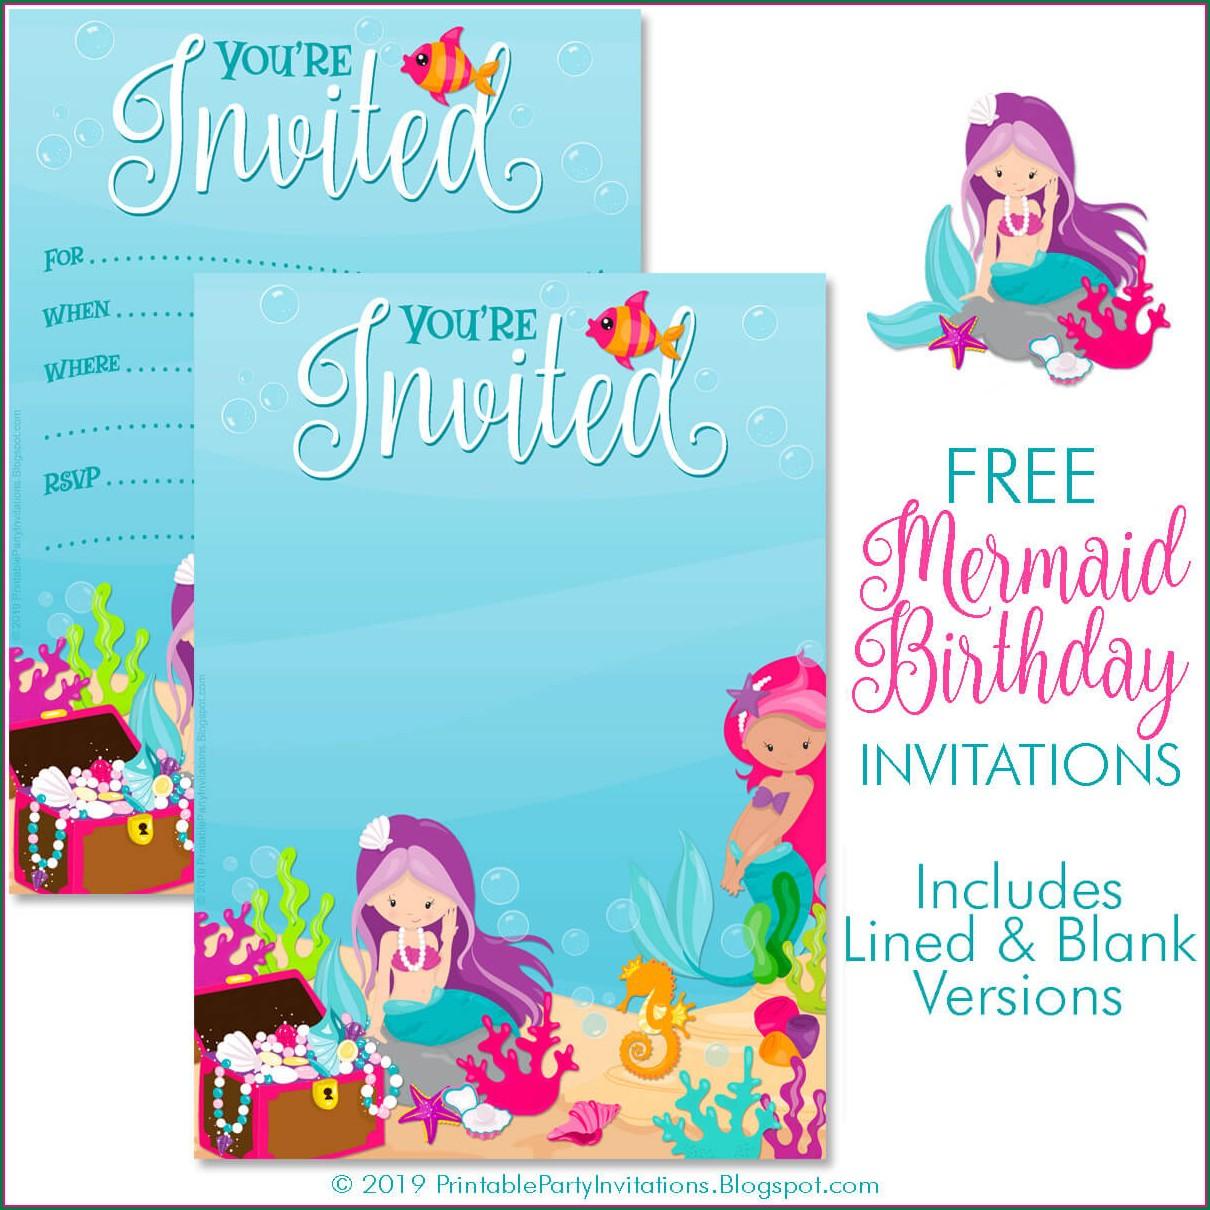 Blank Free Printable Mermaid Invitations